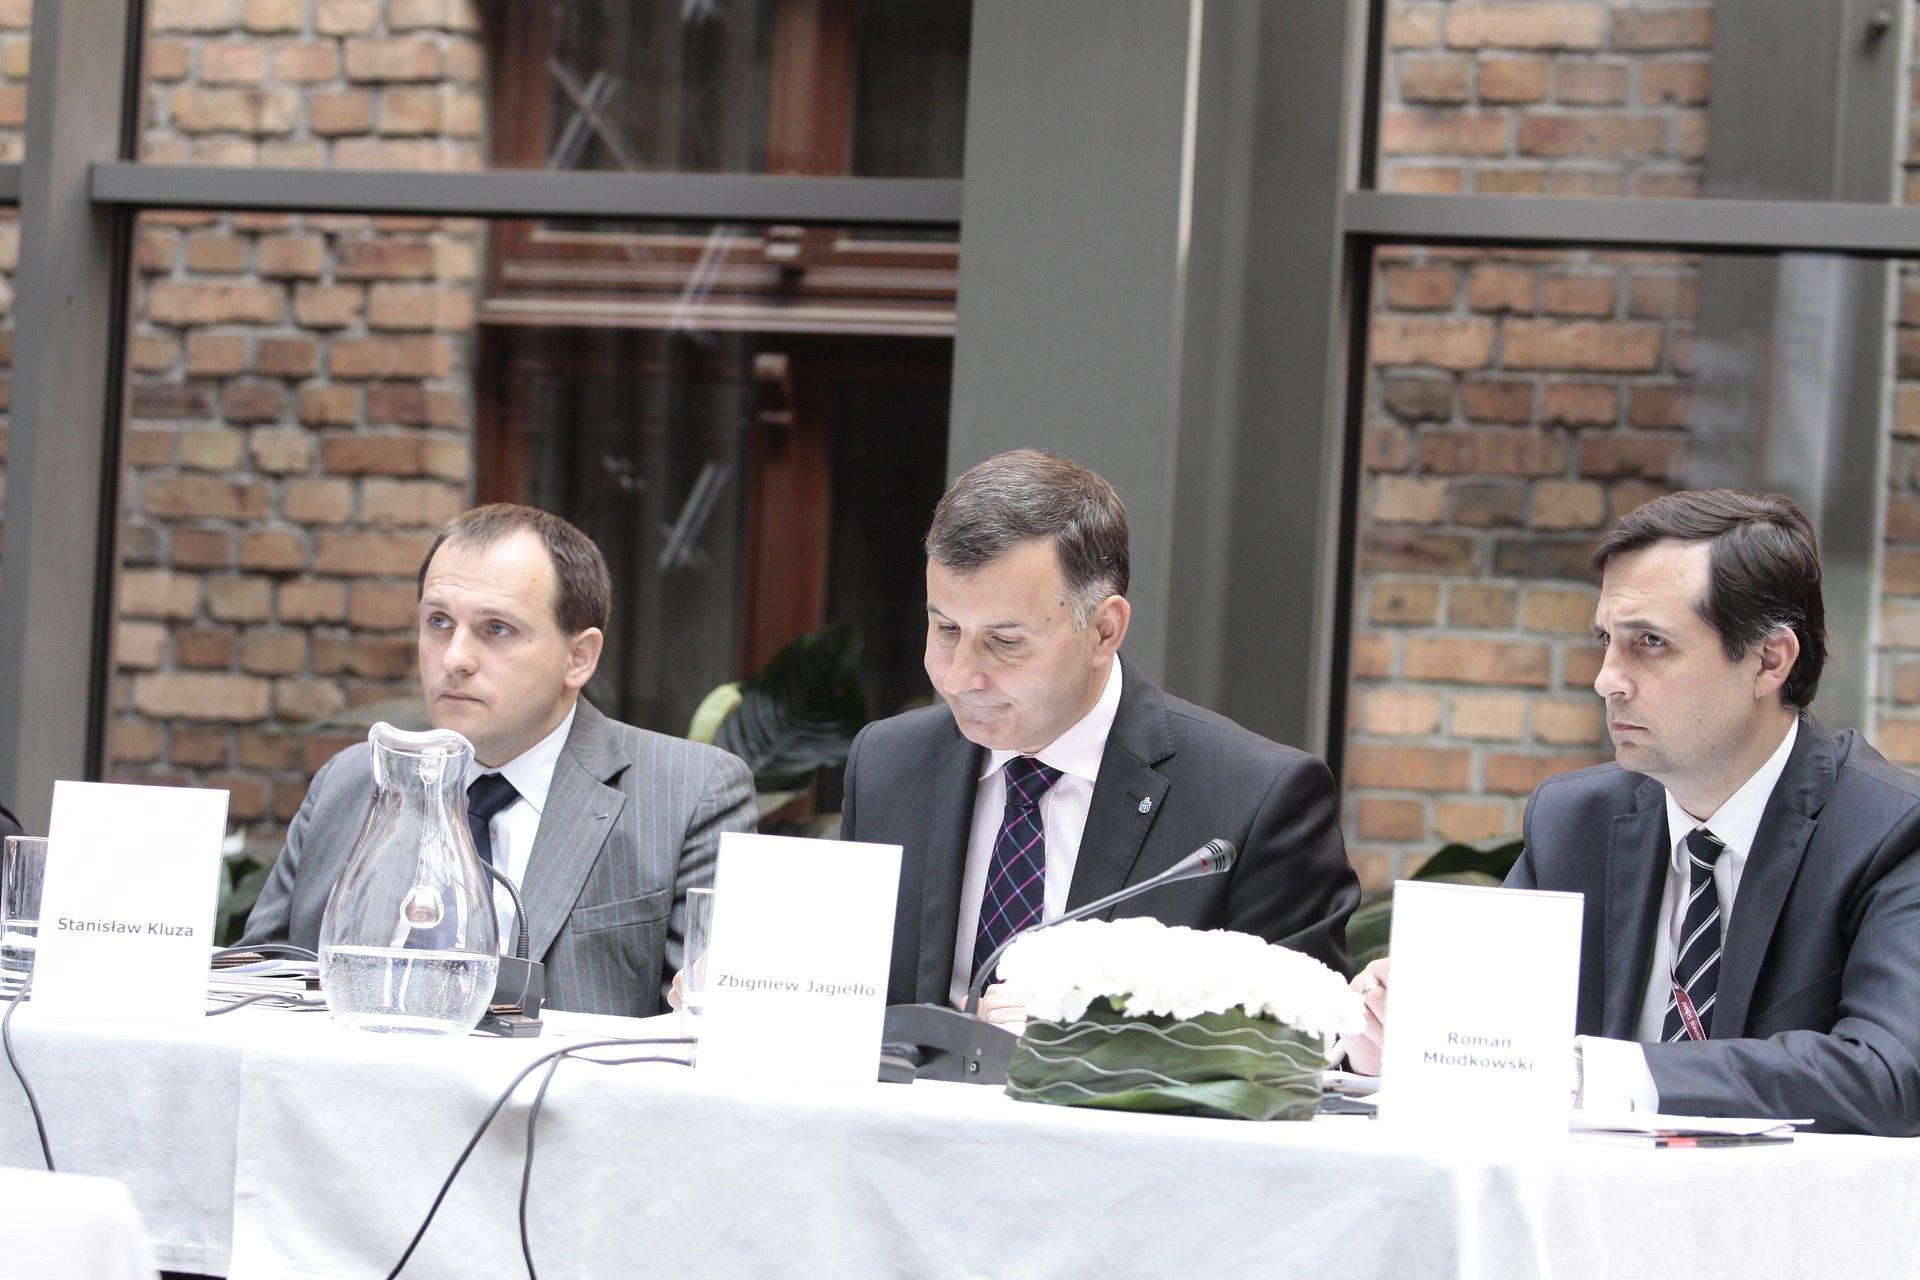 PKO Bank Polski aktywnym uczestnikiem dyskusji o przyszłości sektora bankowego